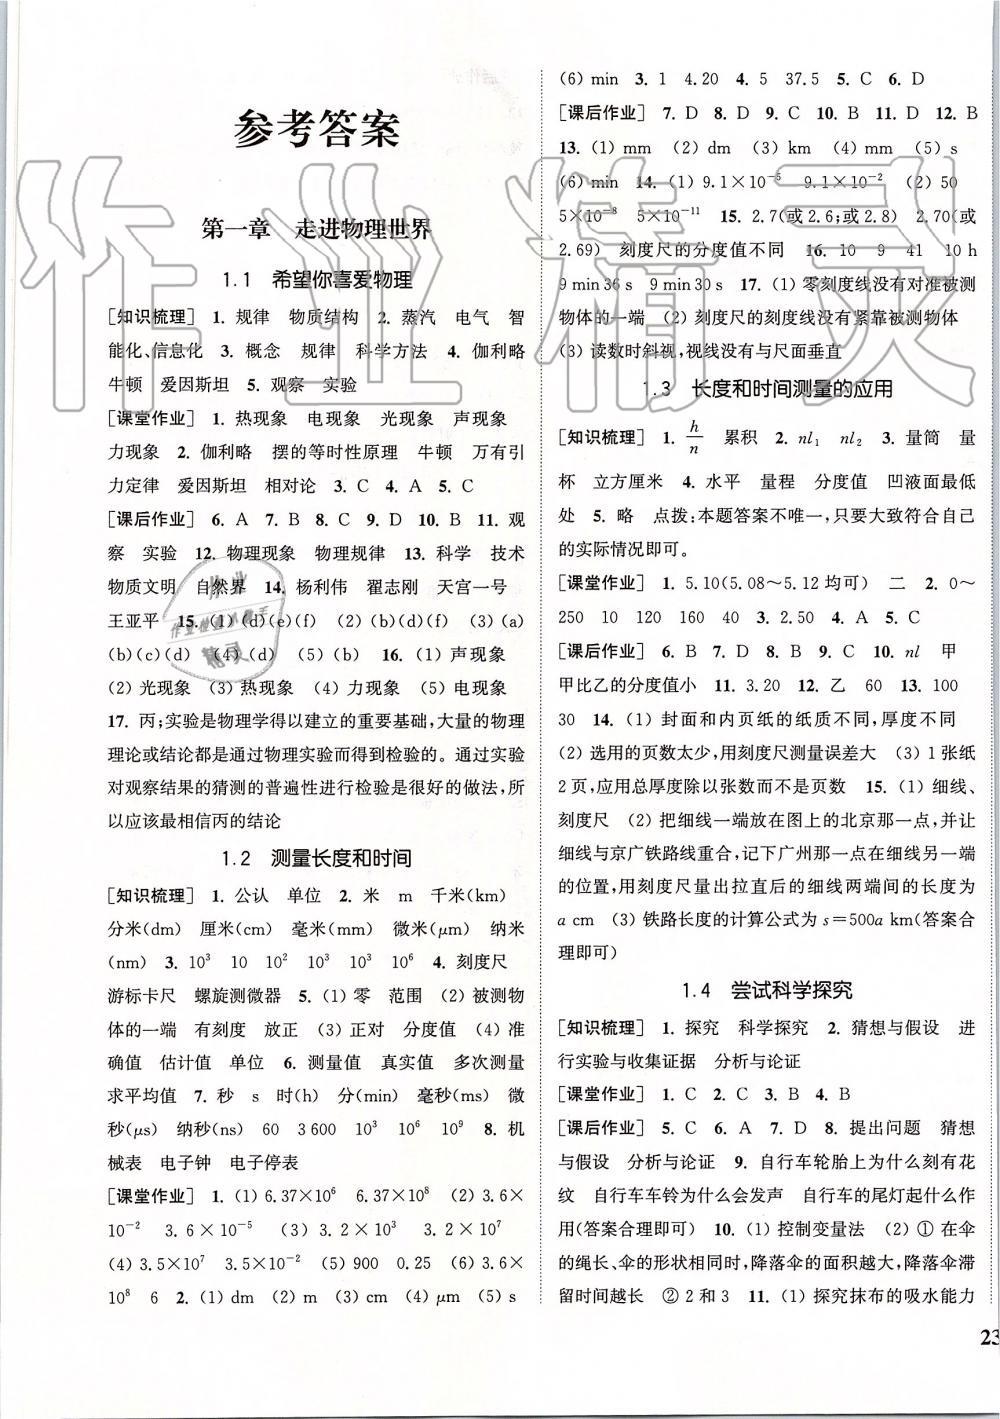 2019年通城学典课时作业本八年级物理上册沪粤版第1页